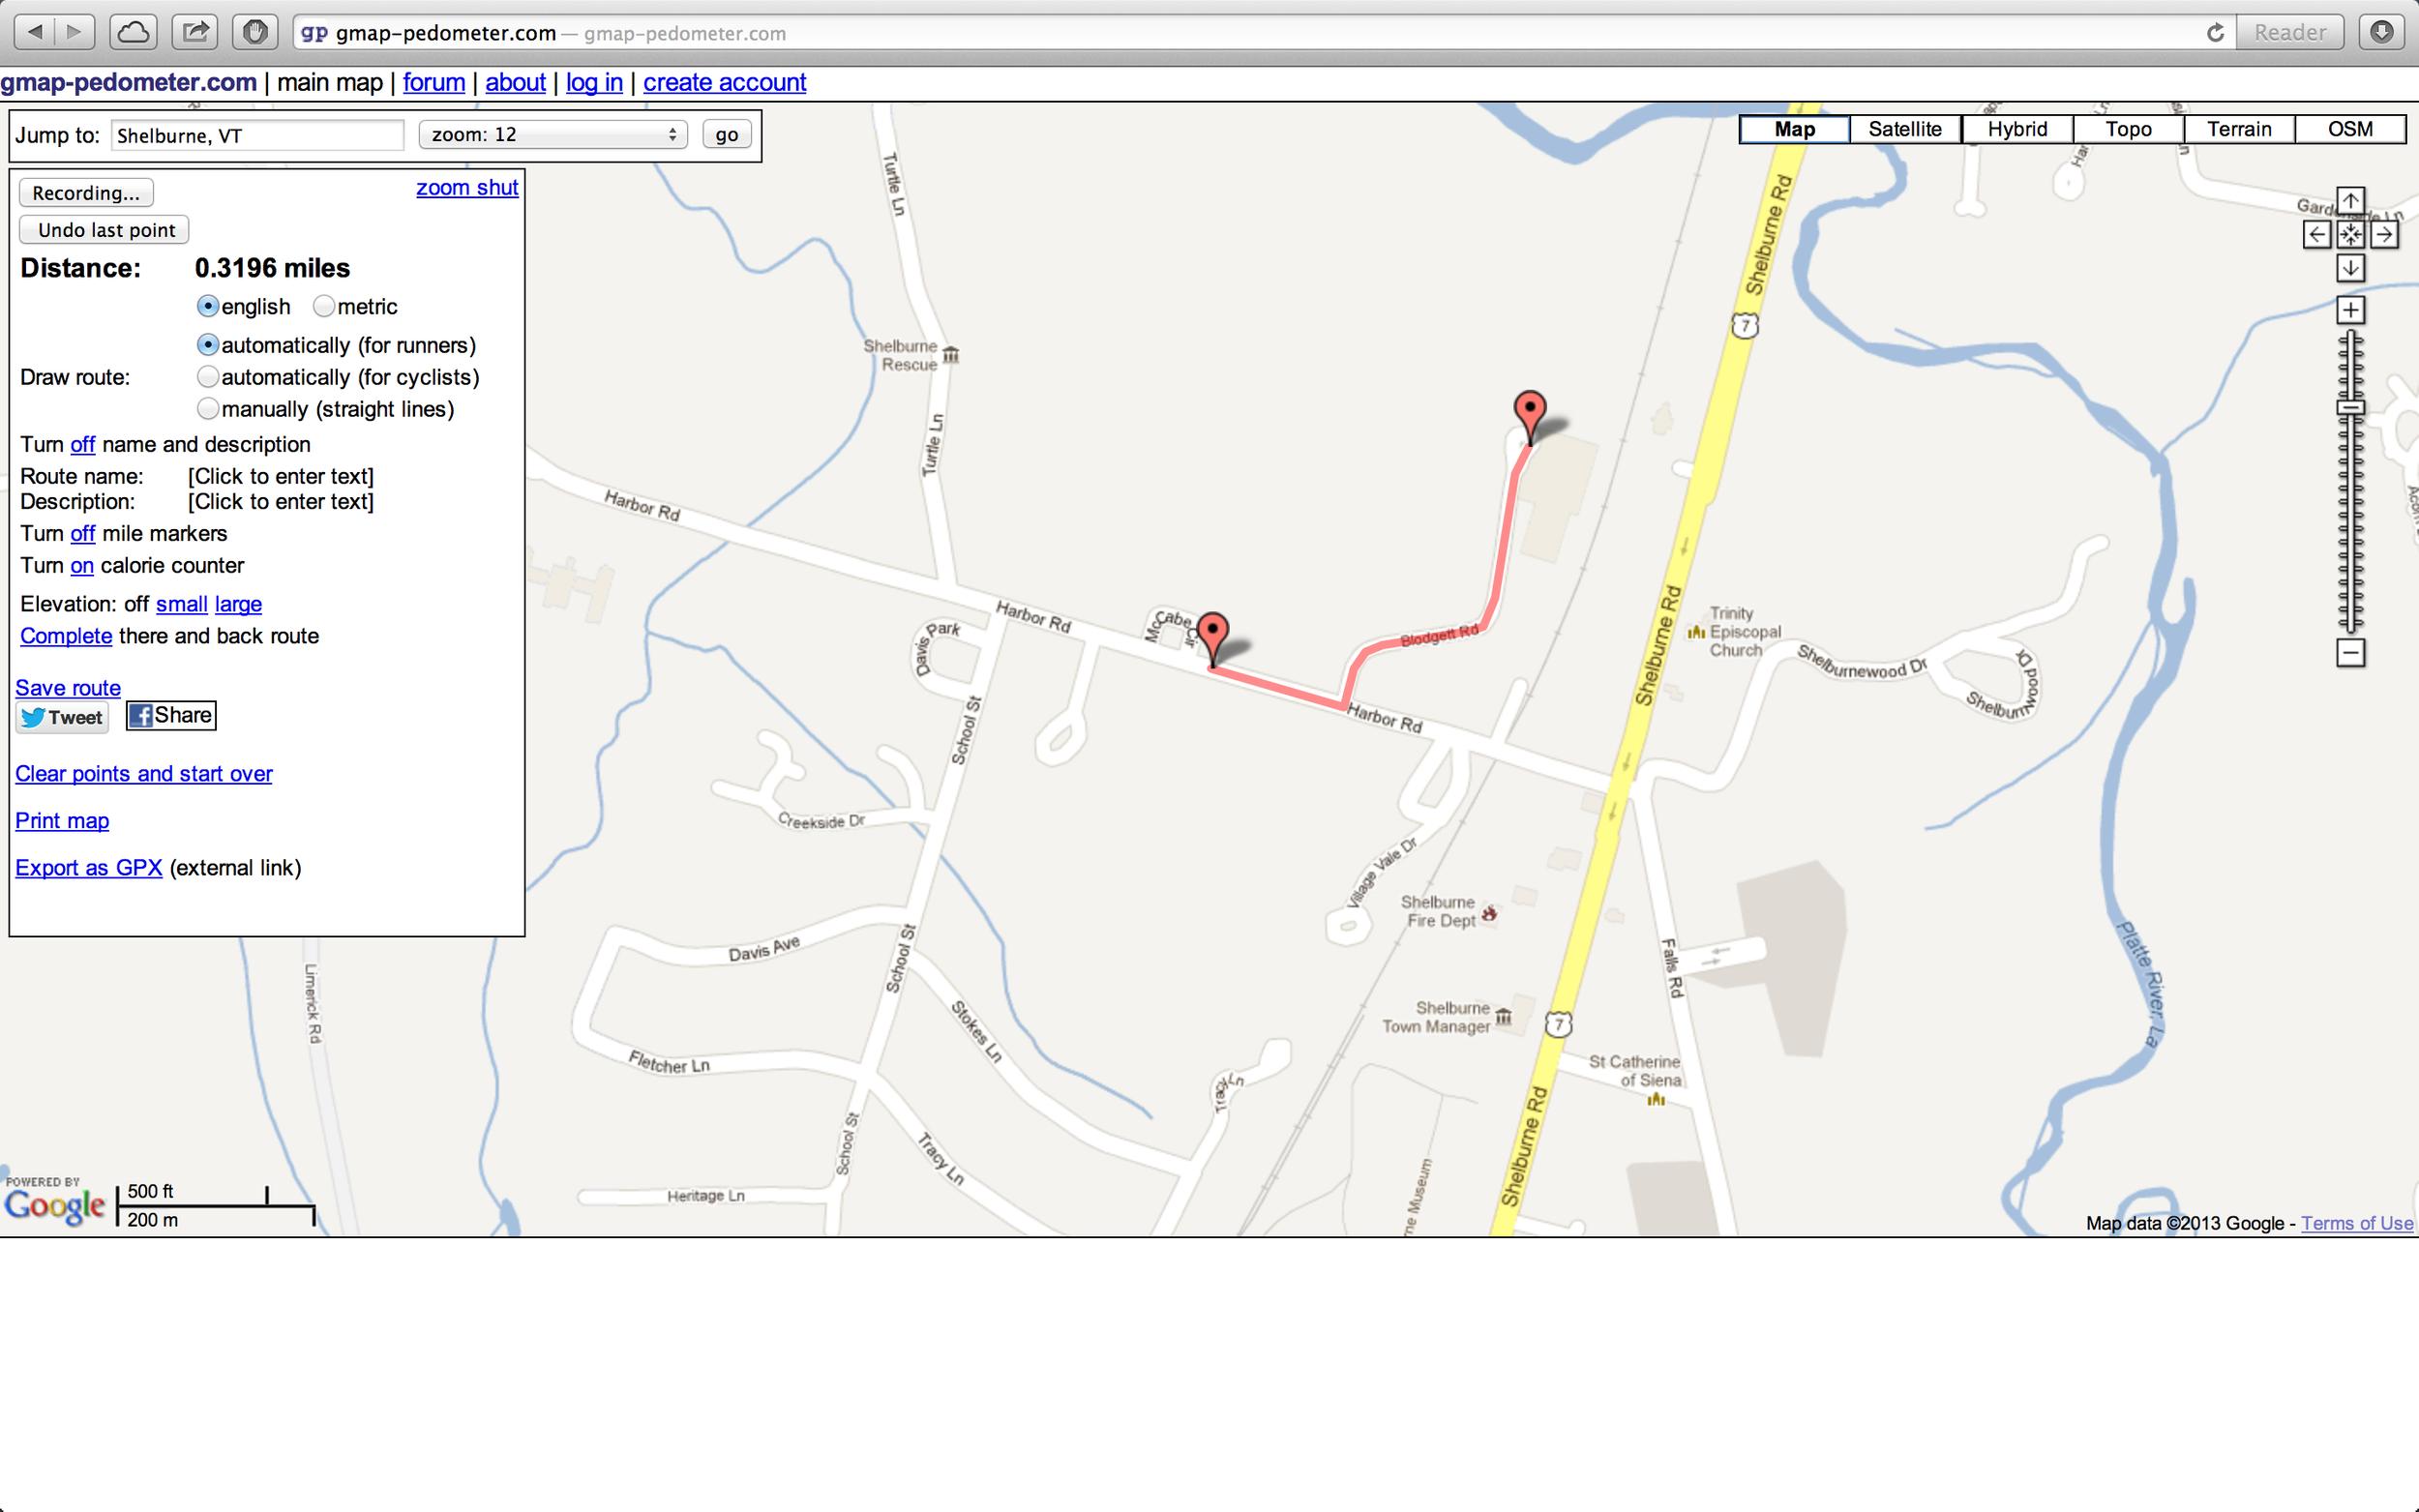 Screen Shot 2013-03-29 at 4.50.32 PM.png